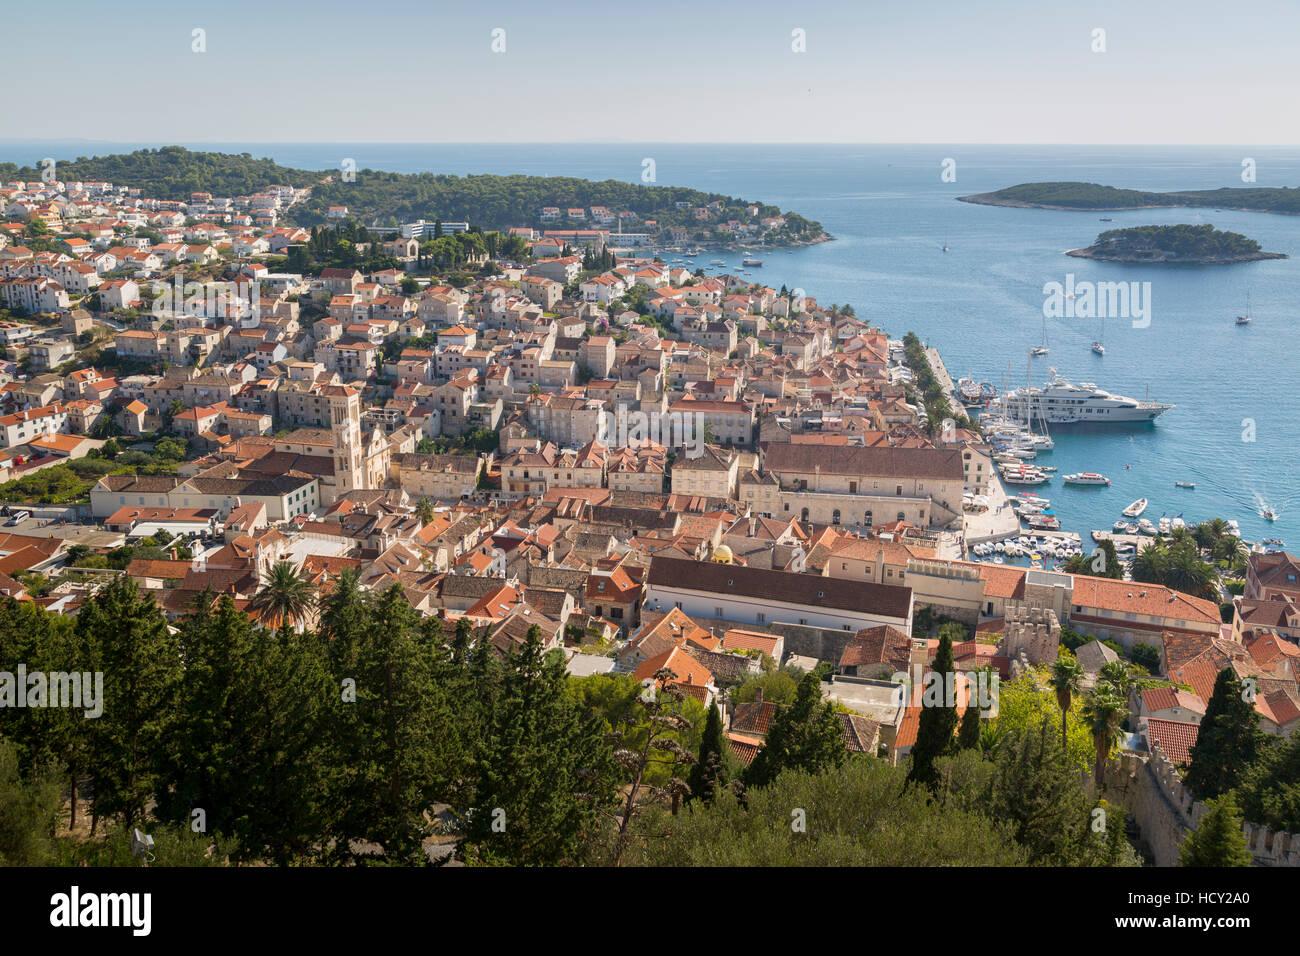 Vista su Hvar da Fortezza Spagnola, Isola di Hvar, Dalmazia, Croazia Immagini Stock